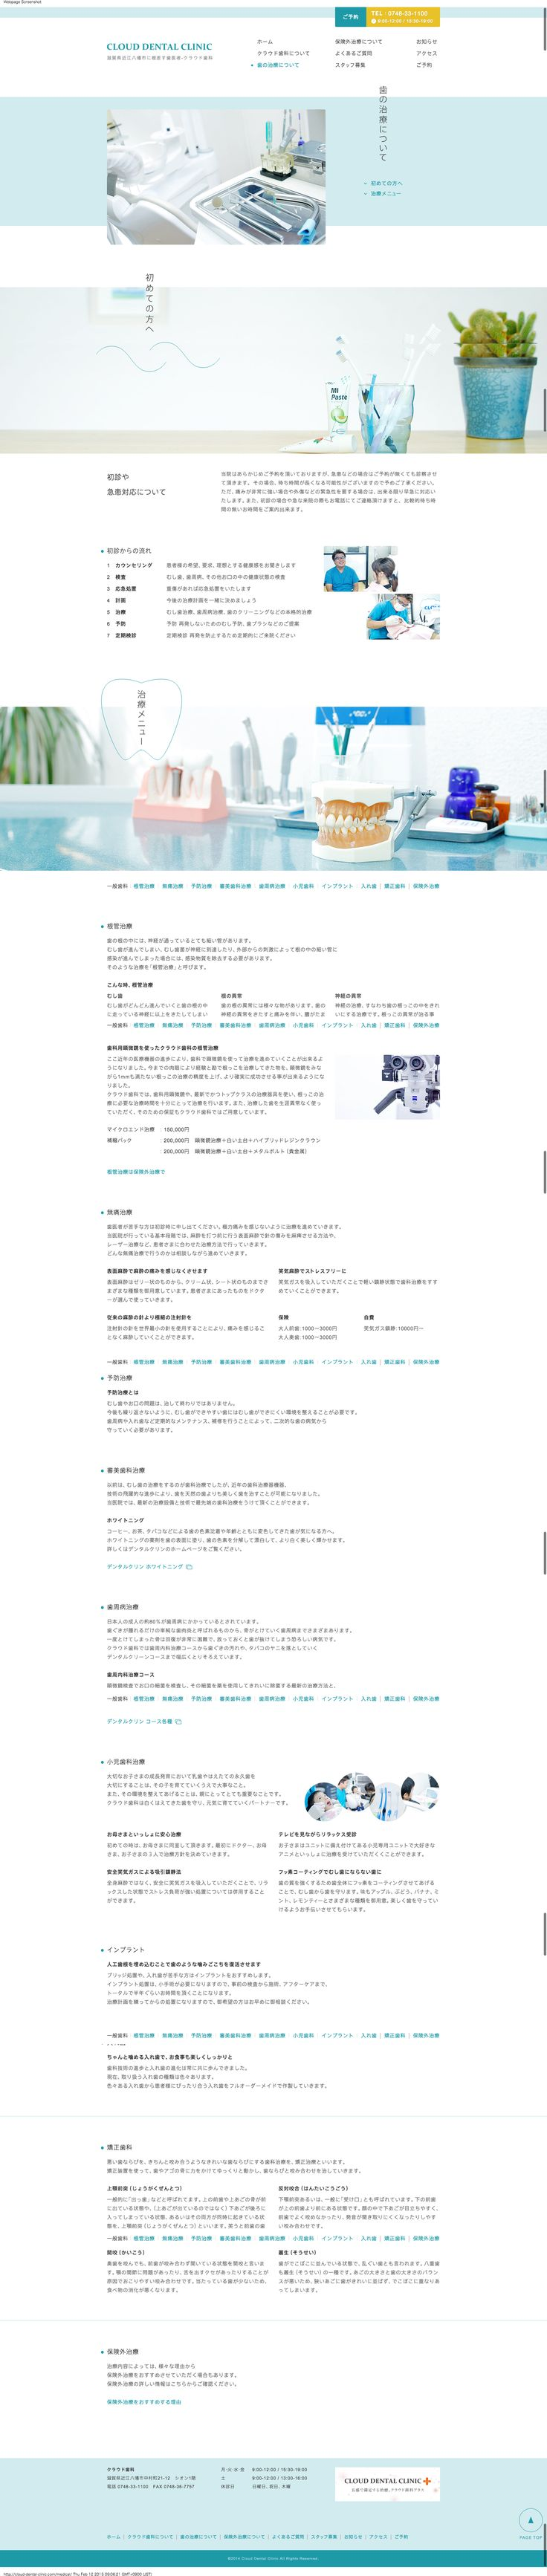 歯の治療について | 滋賀県近江八幡市に根差す歯医者 - クラウド歯科 CLOUD DENTAL CLINIC http://cloud-dental-clinic.com/medical/